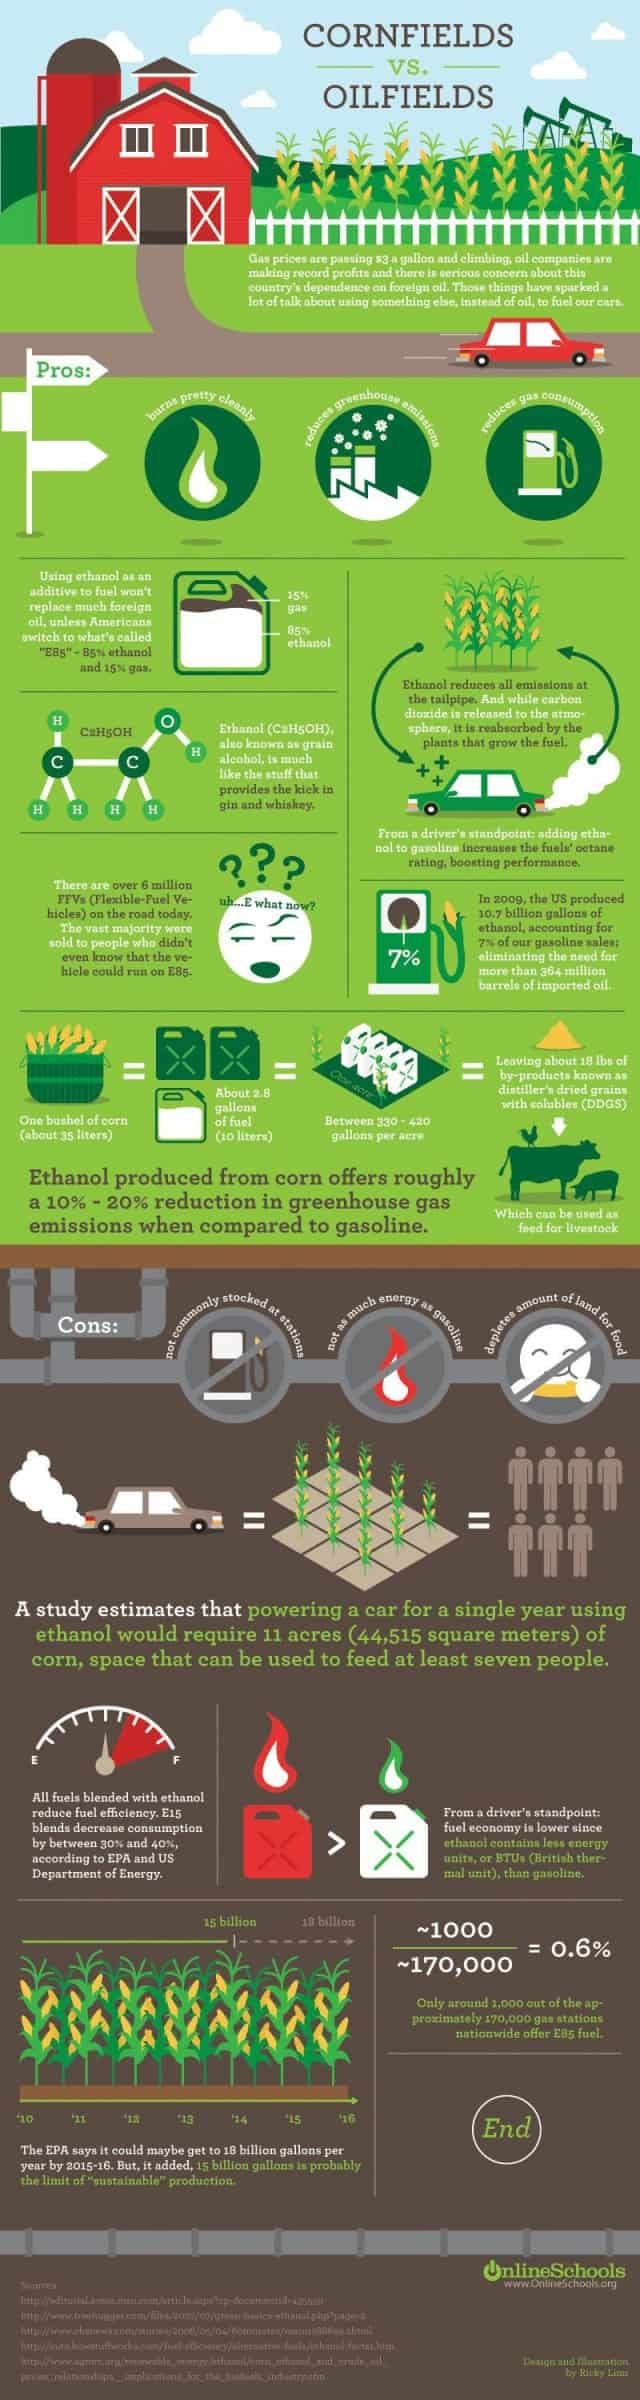 ethanol-640x2400